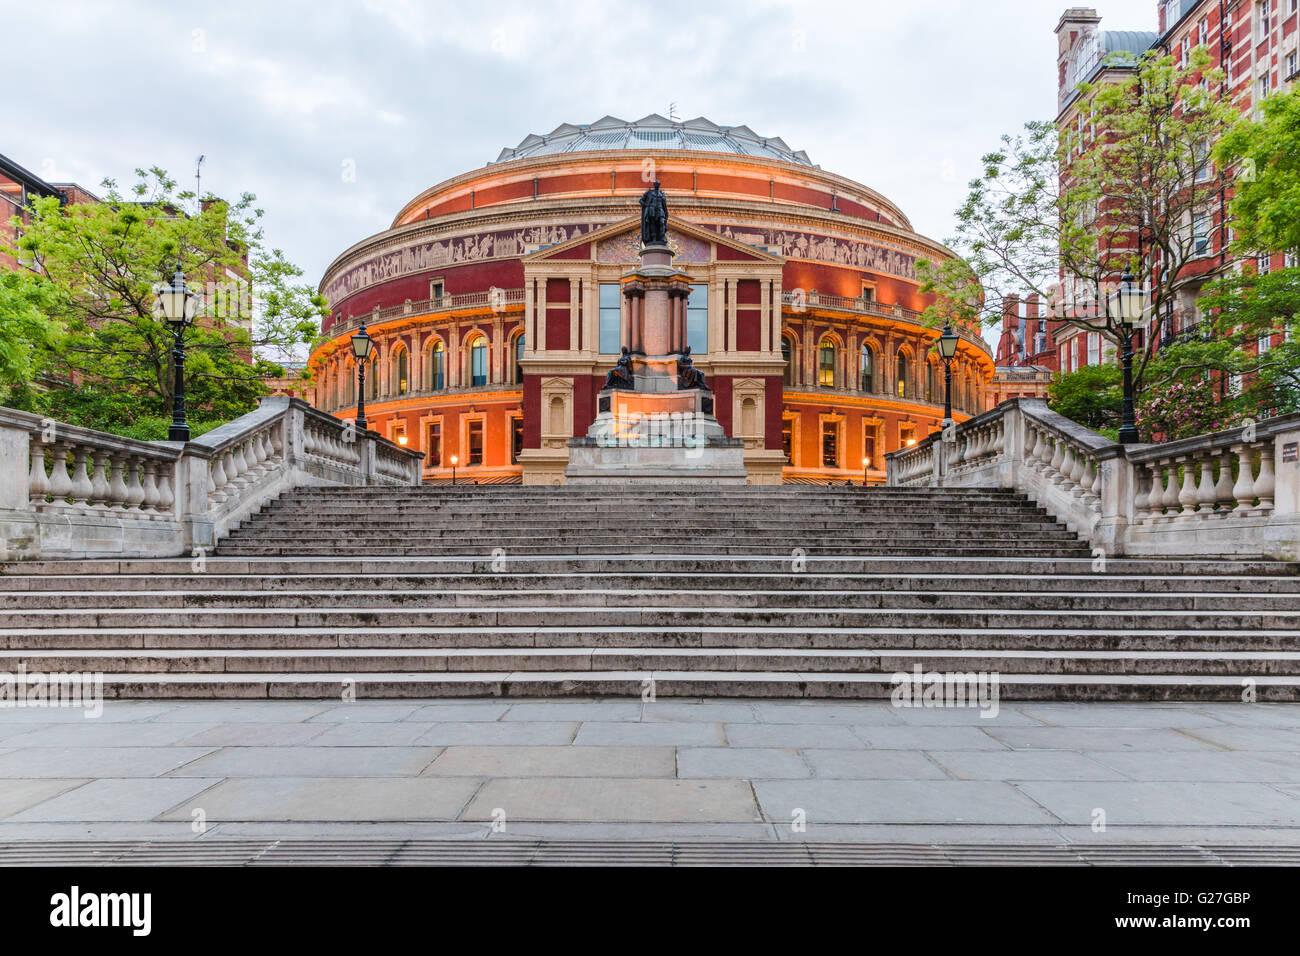 Royal Albert Hall, London, England, UK Stock Photo